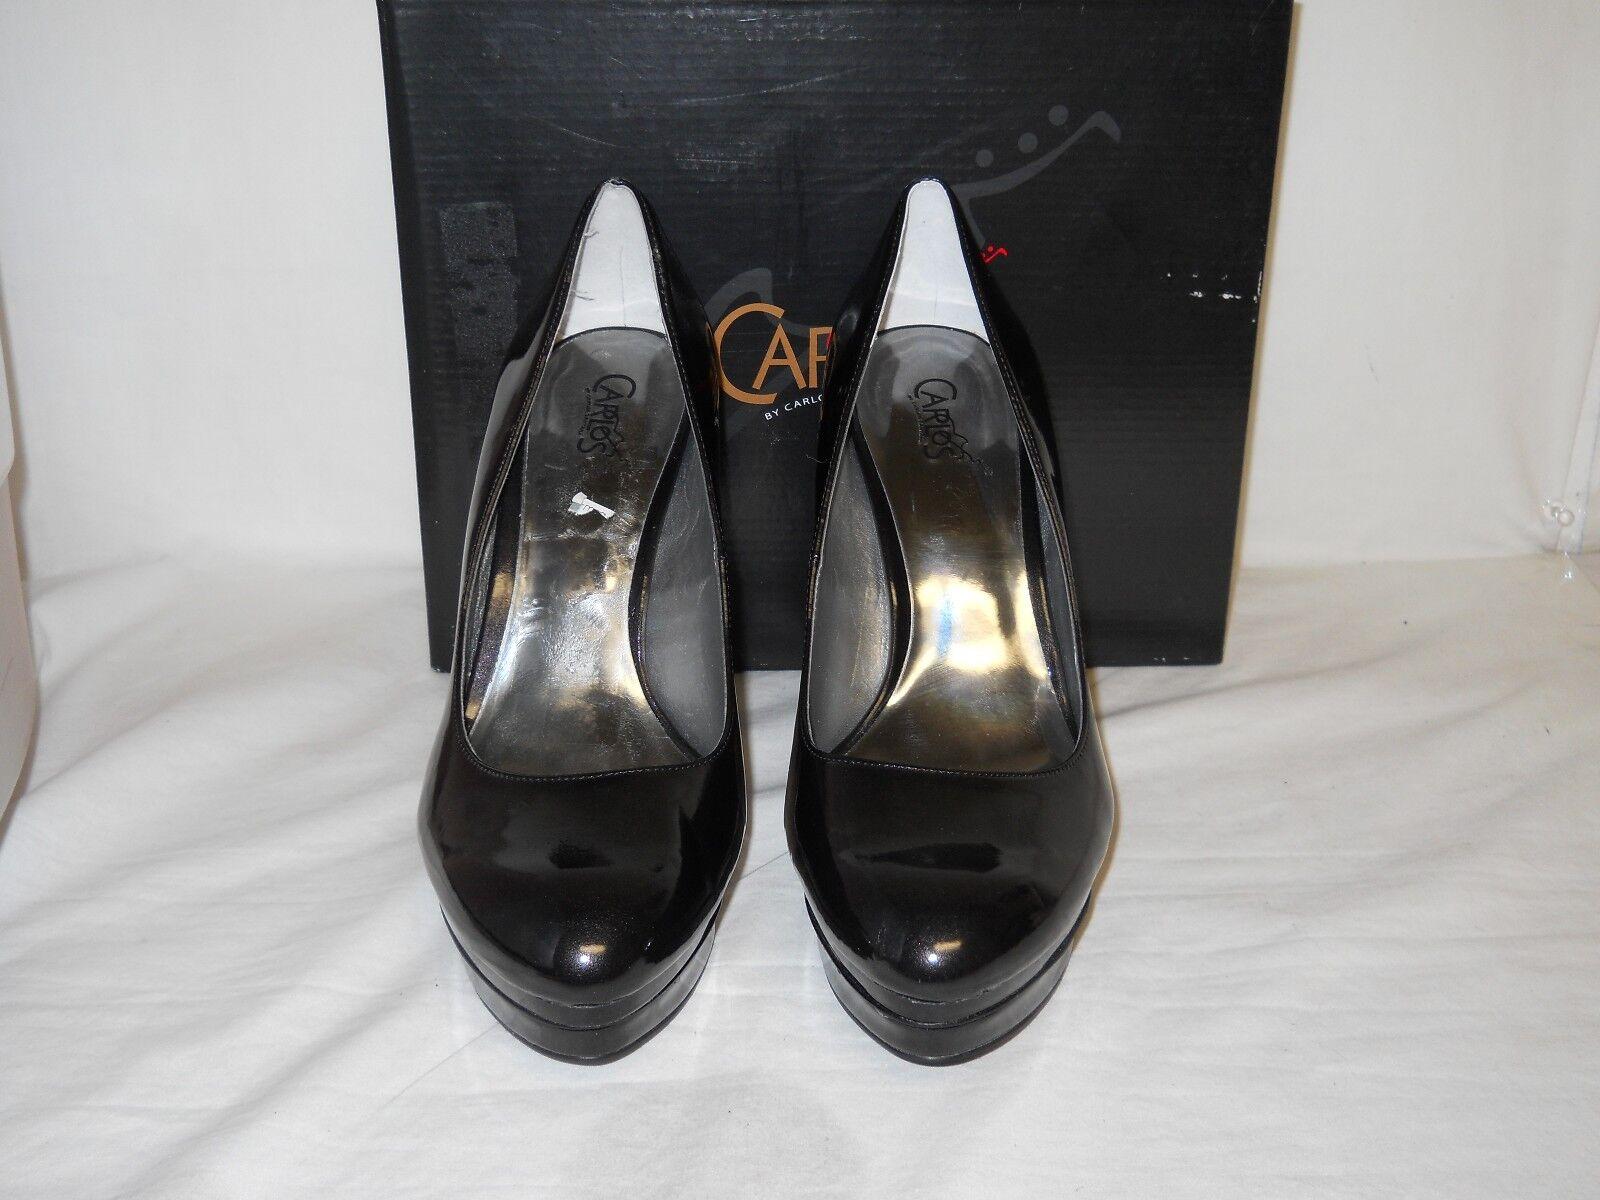 Carlos Santana New Womens Black Black Black Vintage Patent Platform Heels 9 M shoes NWB 433b94